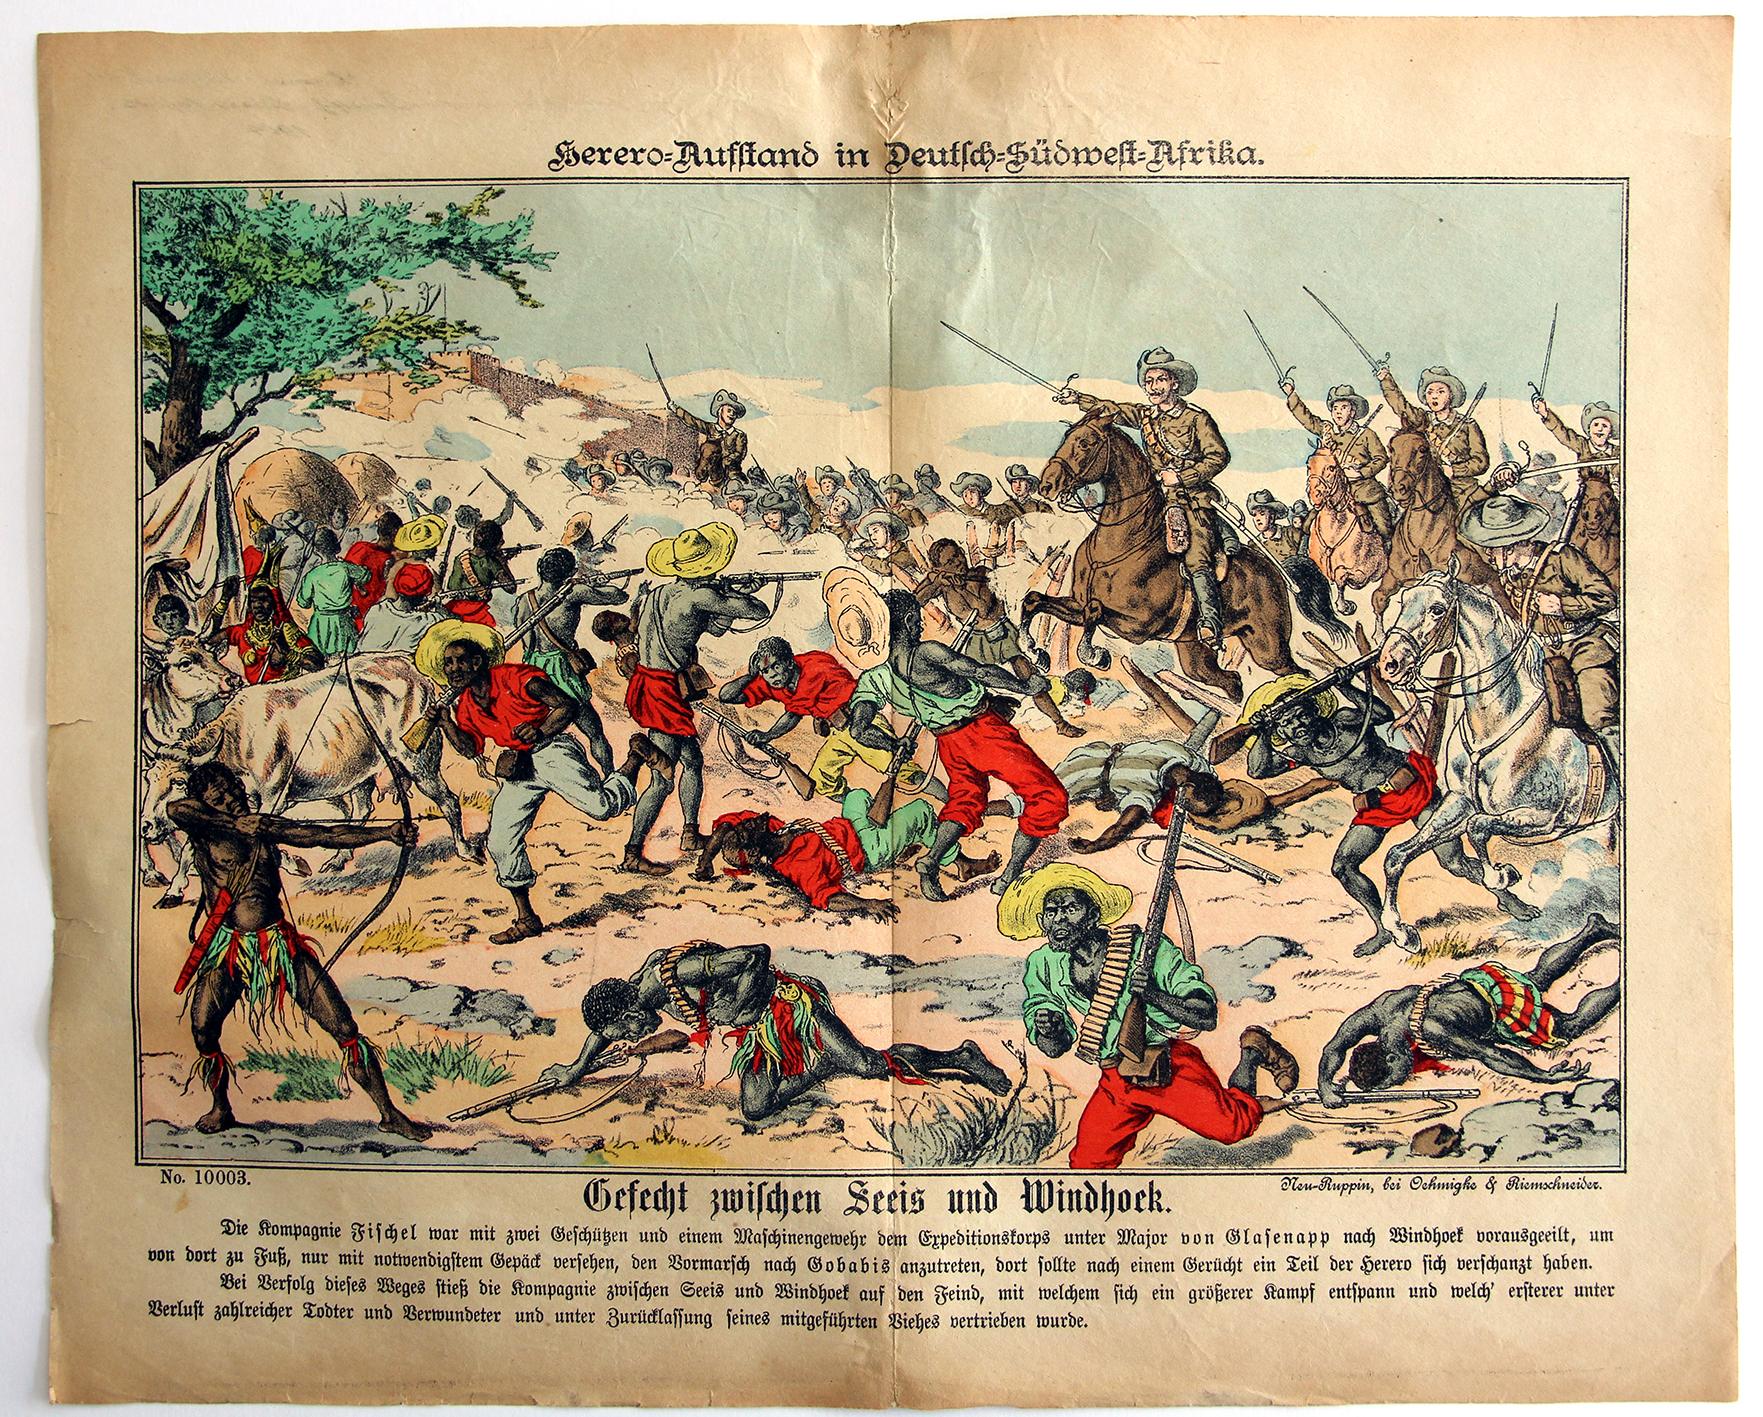 Planche imagerie - Neu-Ruppin, Bei Oehmigke & Riemschneider - Fin XIX - Deutsch Südwest Afrika - Herero Krieg - Gefecht zwischen Seeis und Windhoek